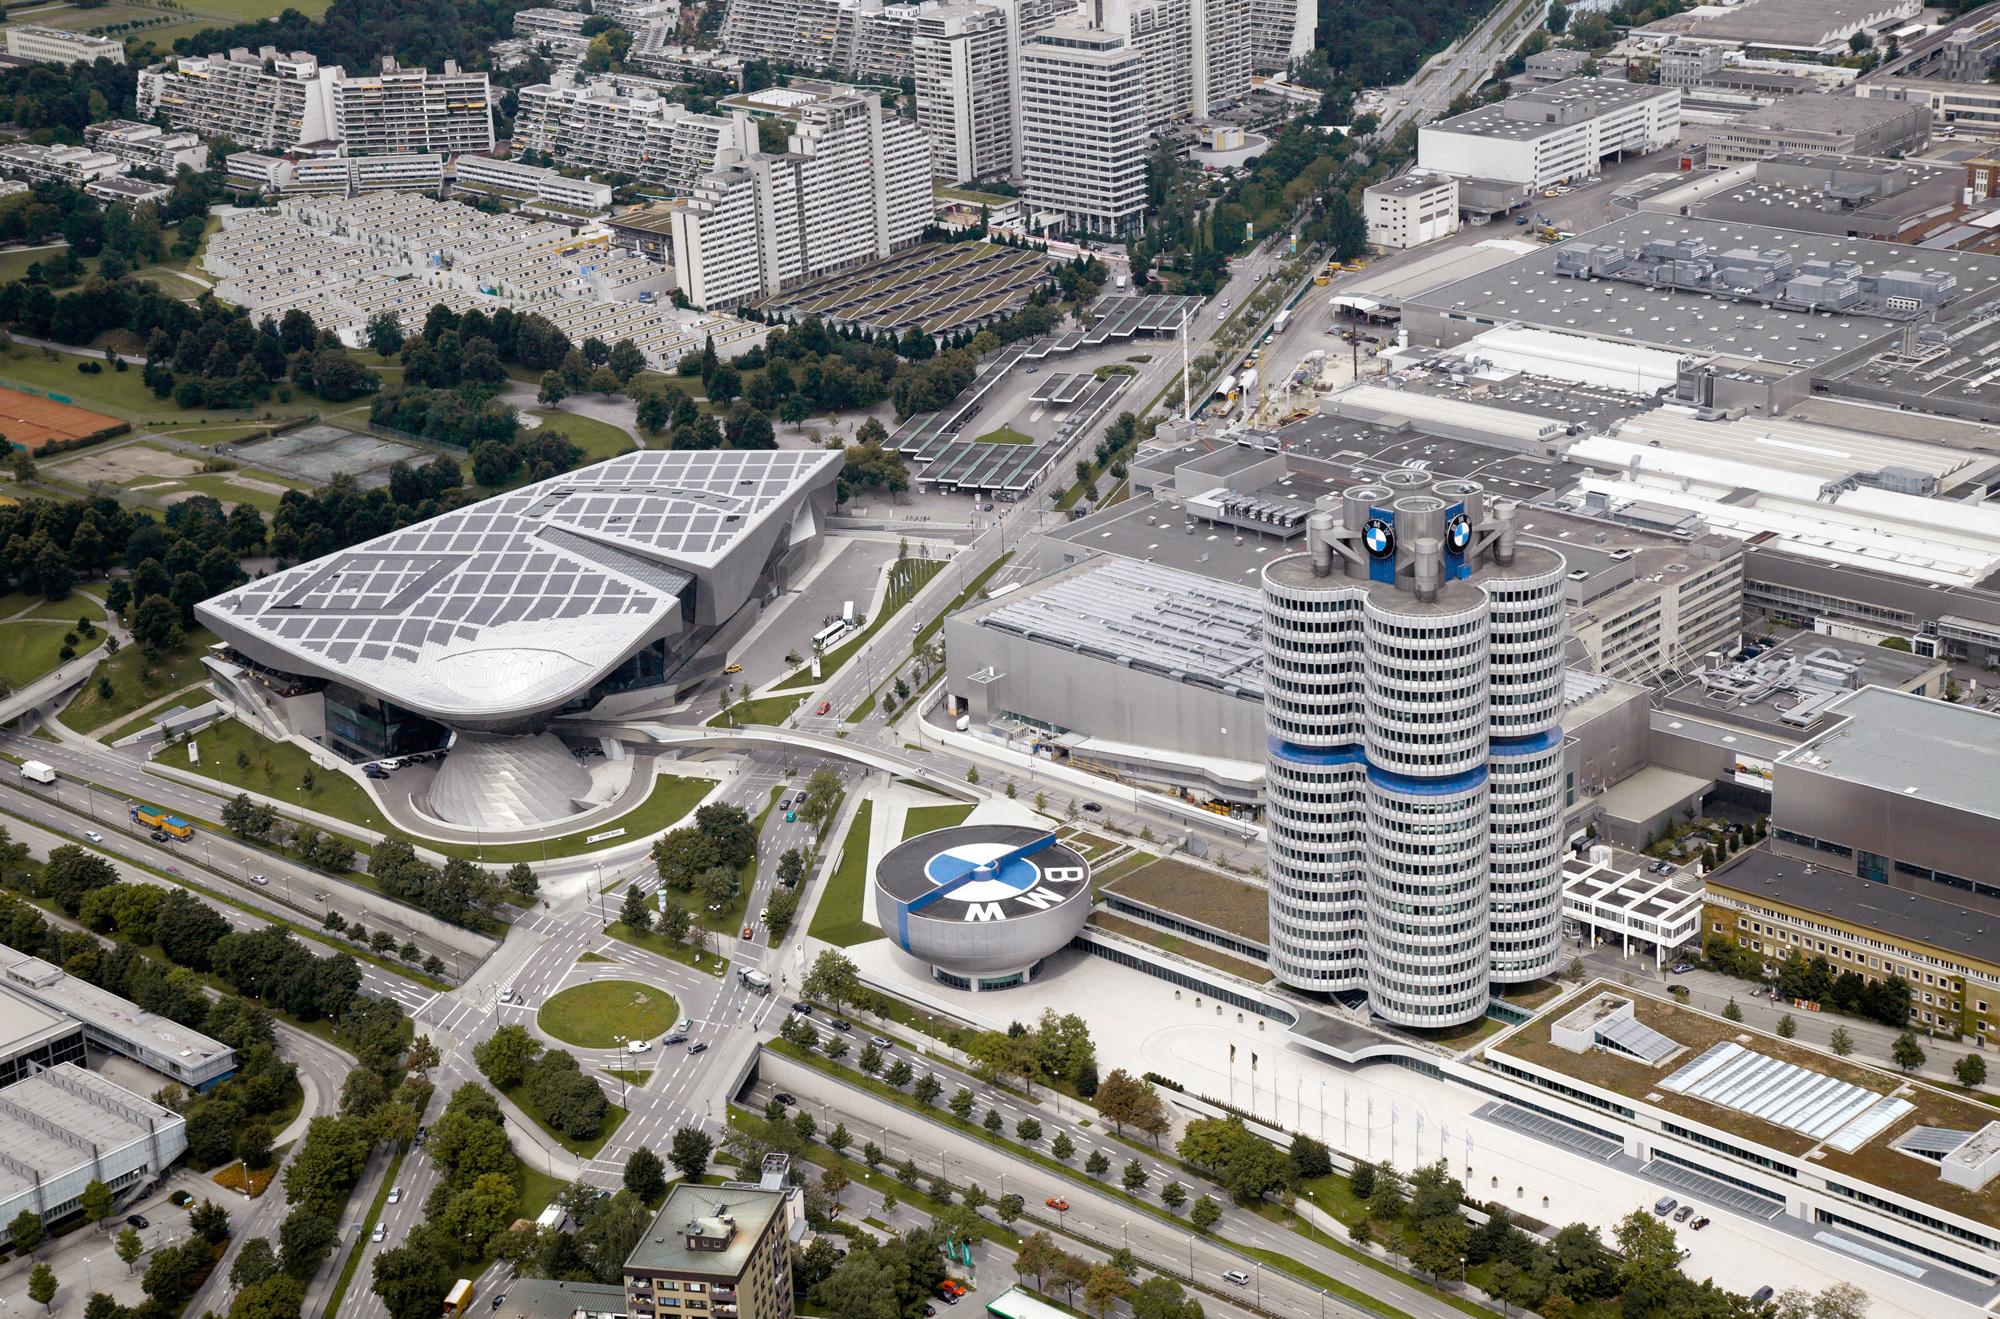 Luftansicht: BMW Welt (links), BMW-Museum (Mitte), BMW-Vierzylinder-Büroturm von Karl Schwanzer (rechts), BMW-Werk München und Olympisches Dorf (hinten). Foto/ Copyright: BMW Group